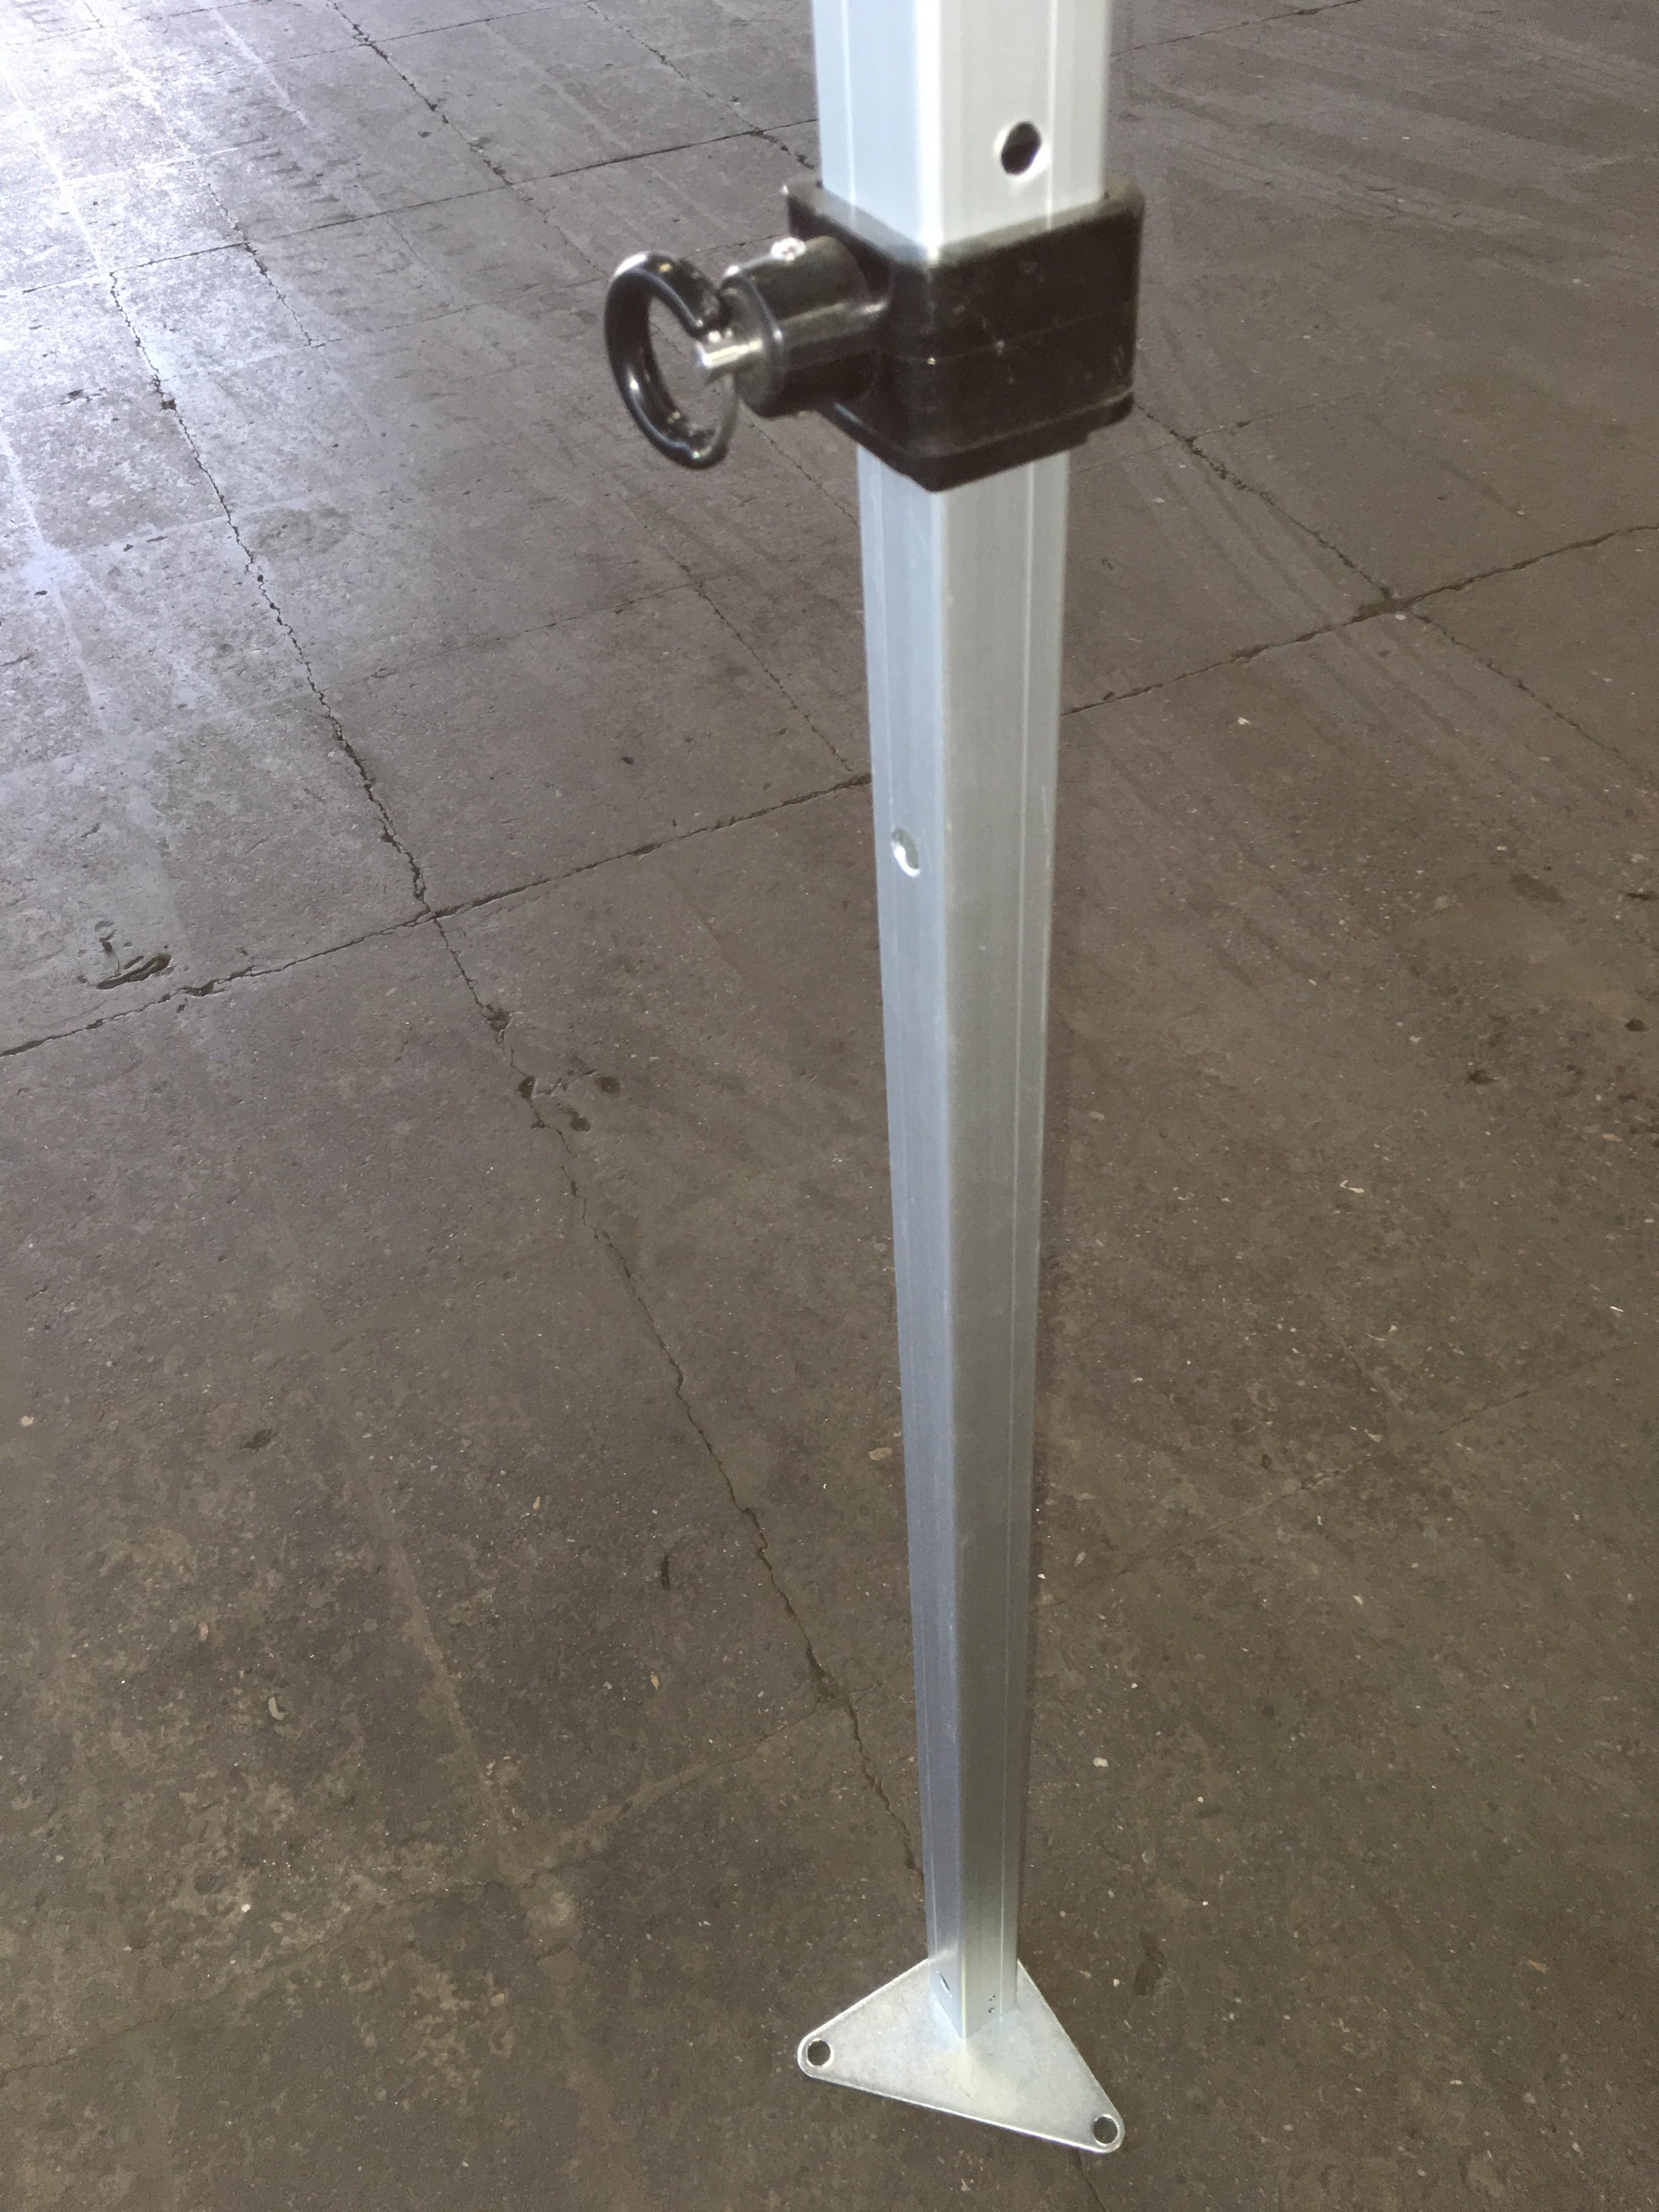 struttura in alluminio anodizzato con con snodi e telo rinforzati per garantire una eccellente stabilita e praticita' in apertura e chiusura